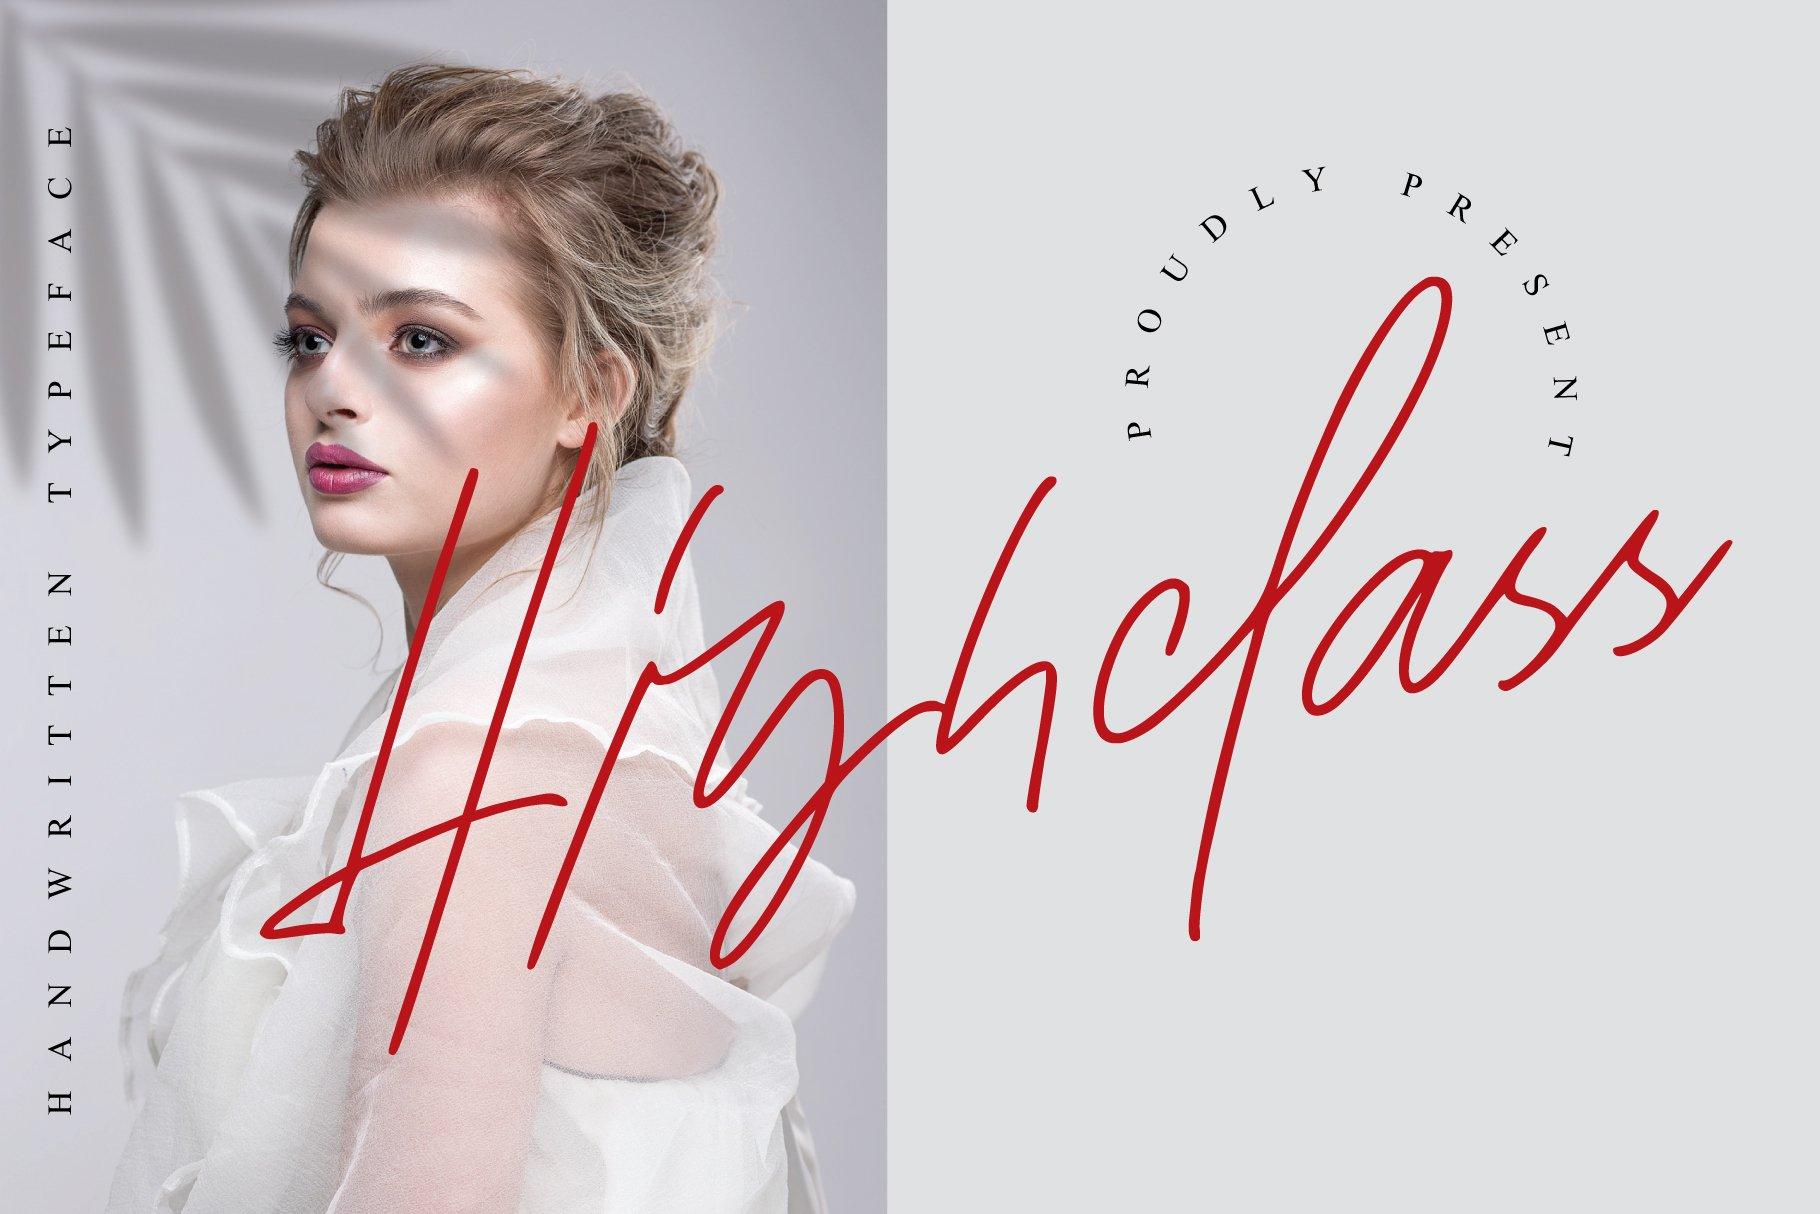 现代时尚海报标题品牌徽标Logo设计手写英文字体素材 Socialite Font插图5